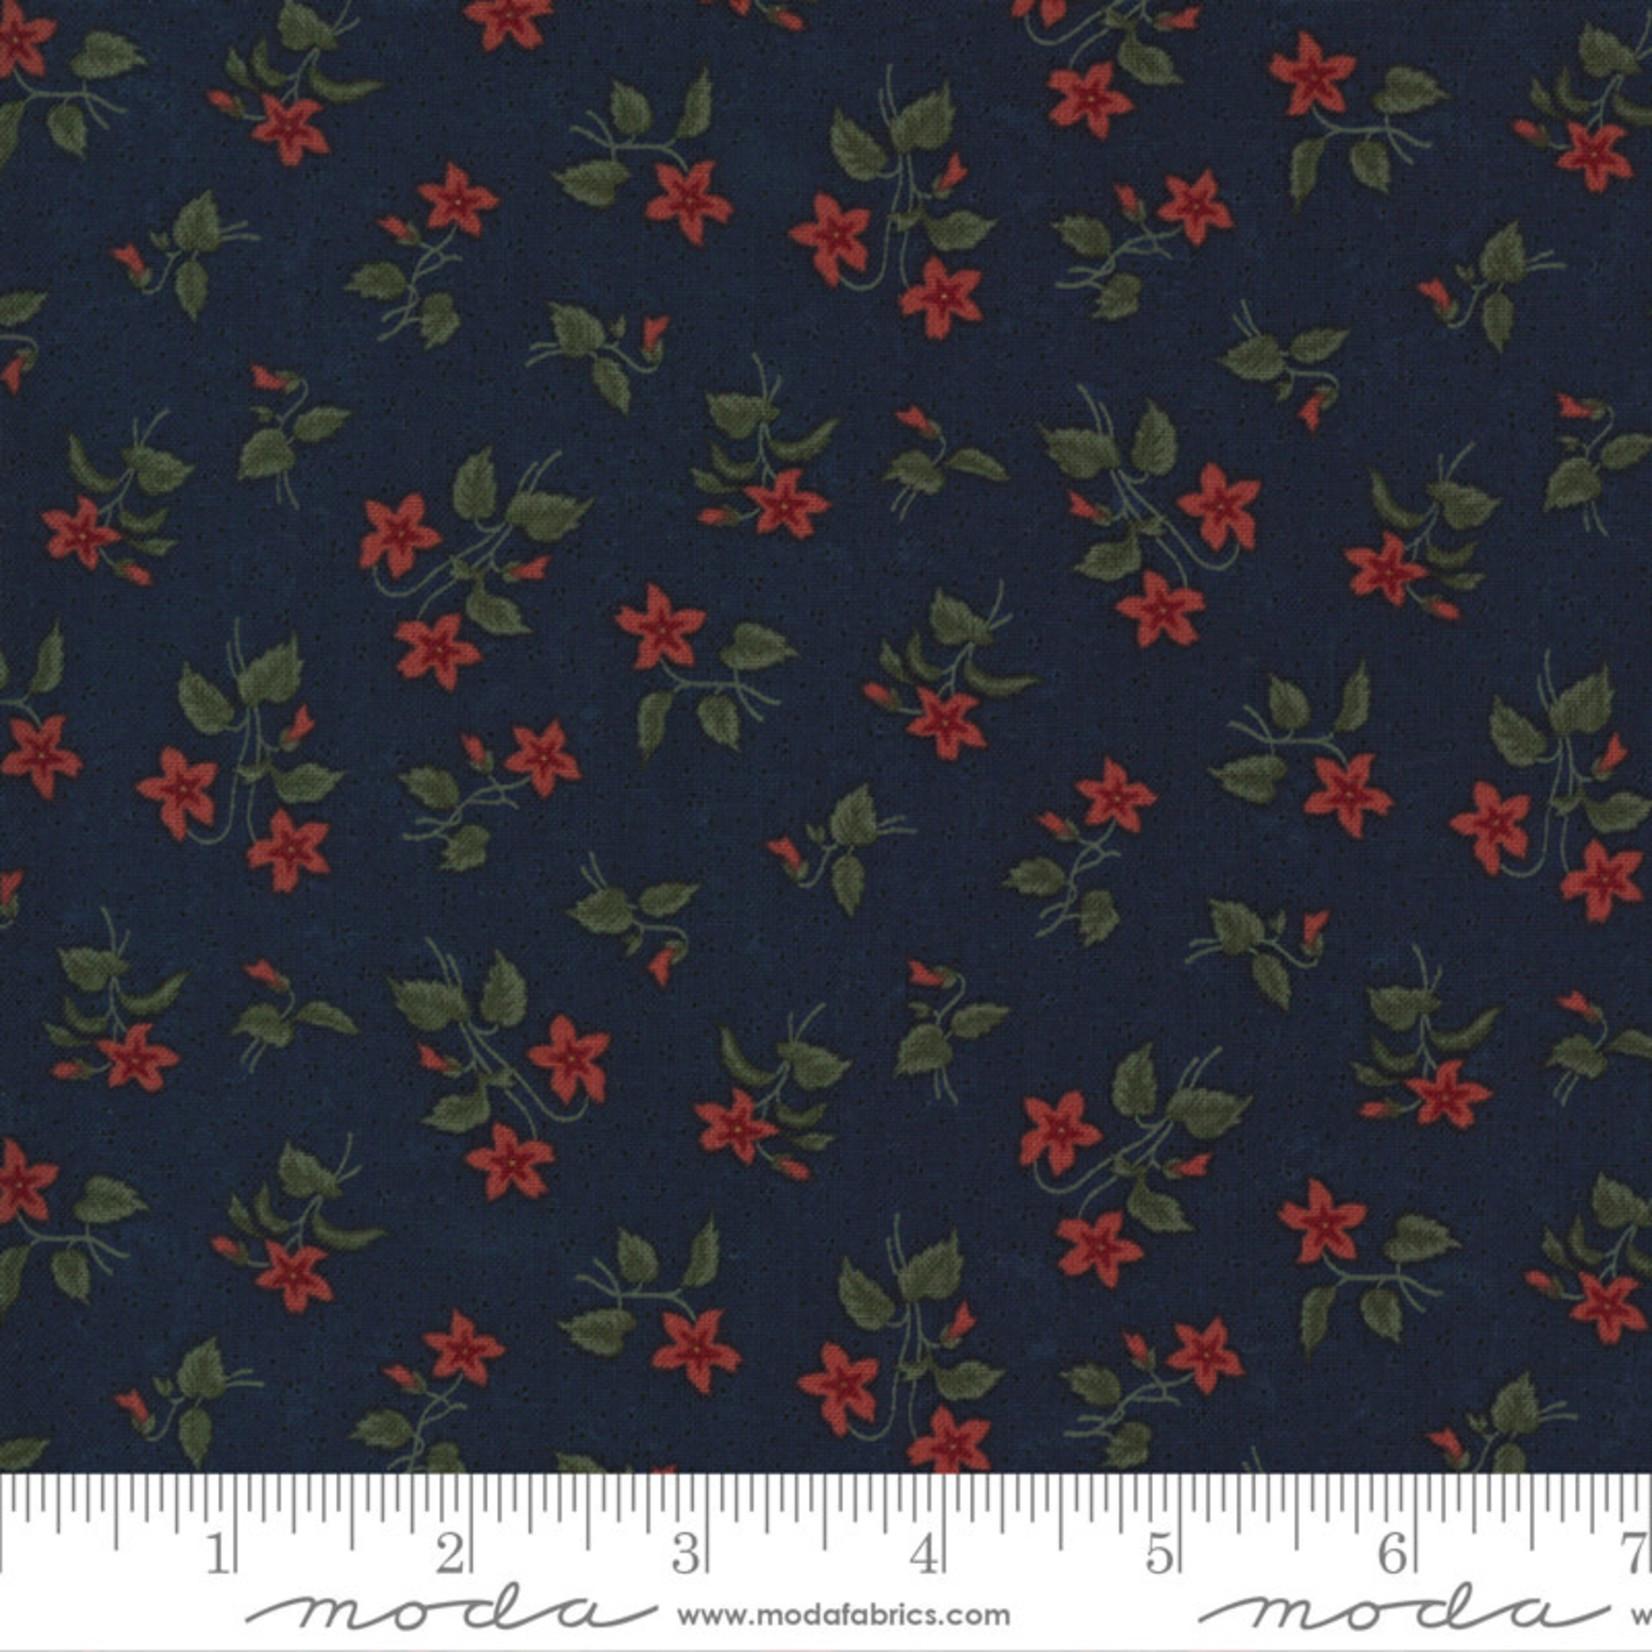 Kansas Troubles Quilters Prairie Dreams, Blossoms Florals, Navy 9652 14 $0.20 per cm or $20/m